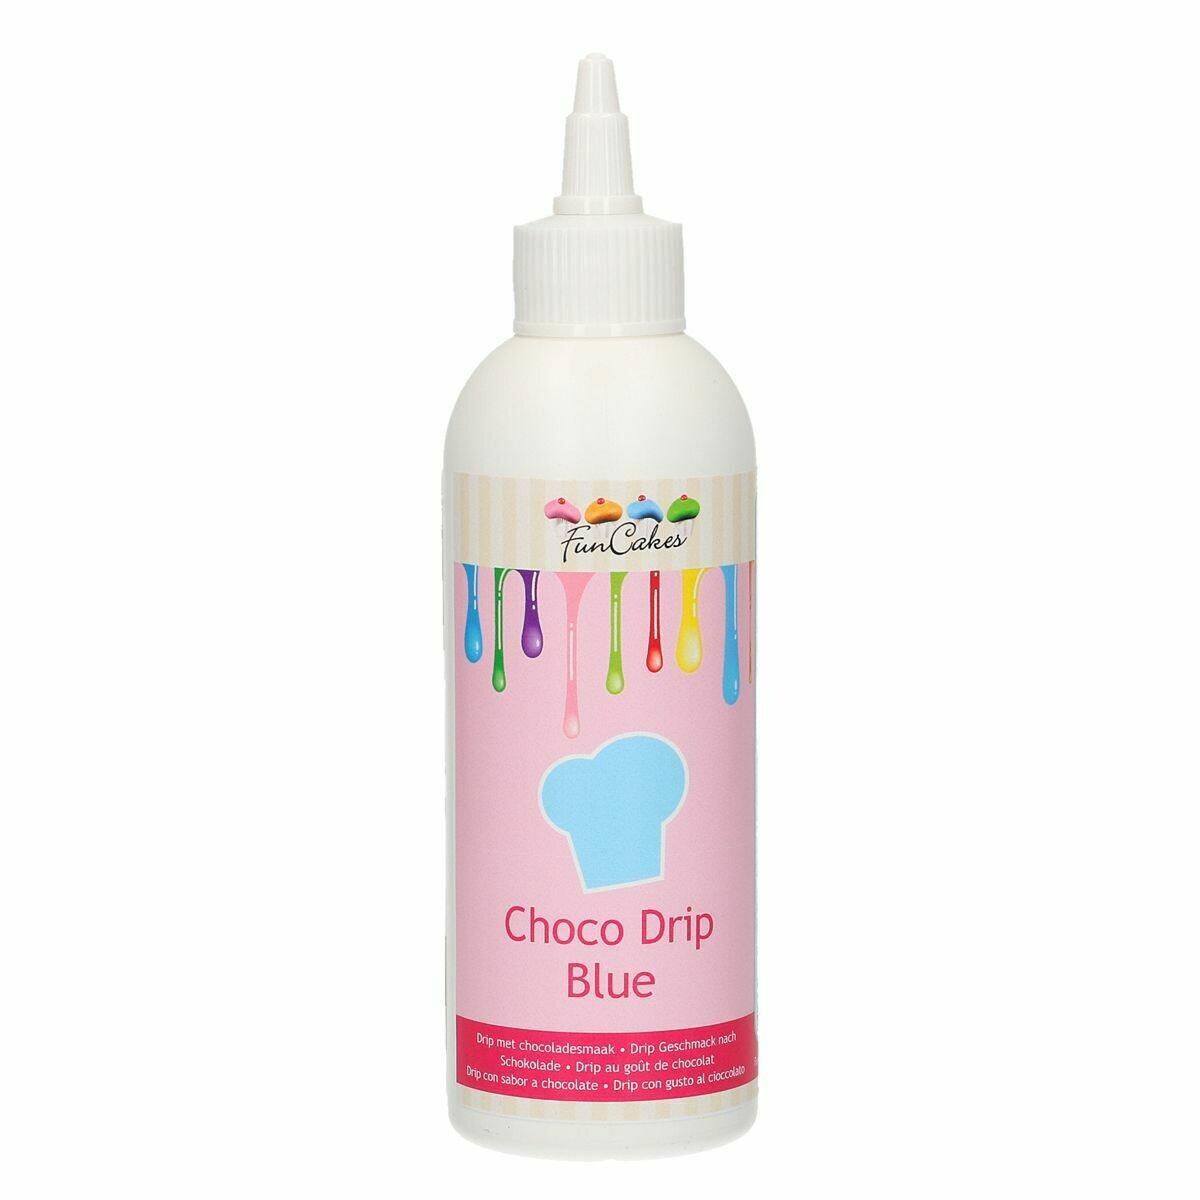 FunCakes Choco Drip -BLUE 180g - Drip σοκολάτας Μπλε